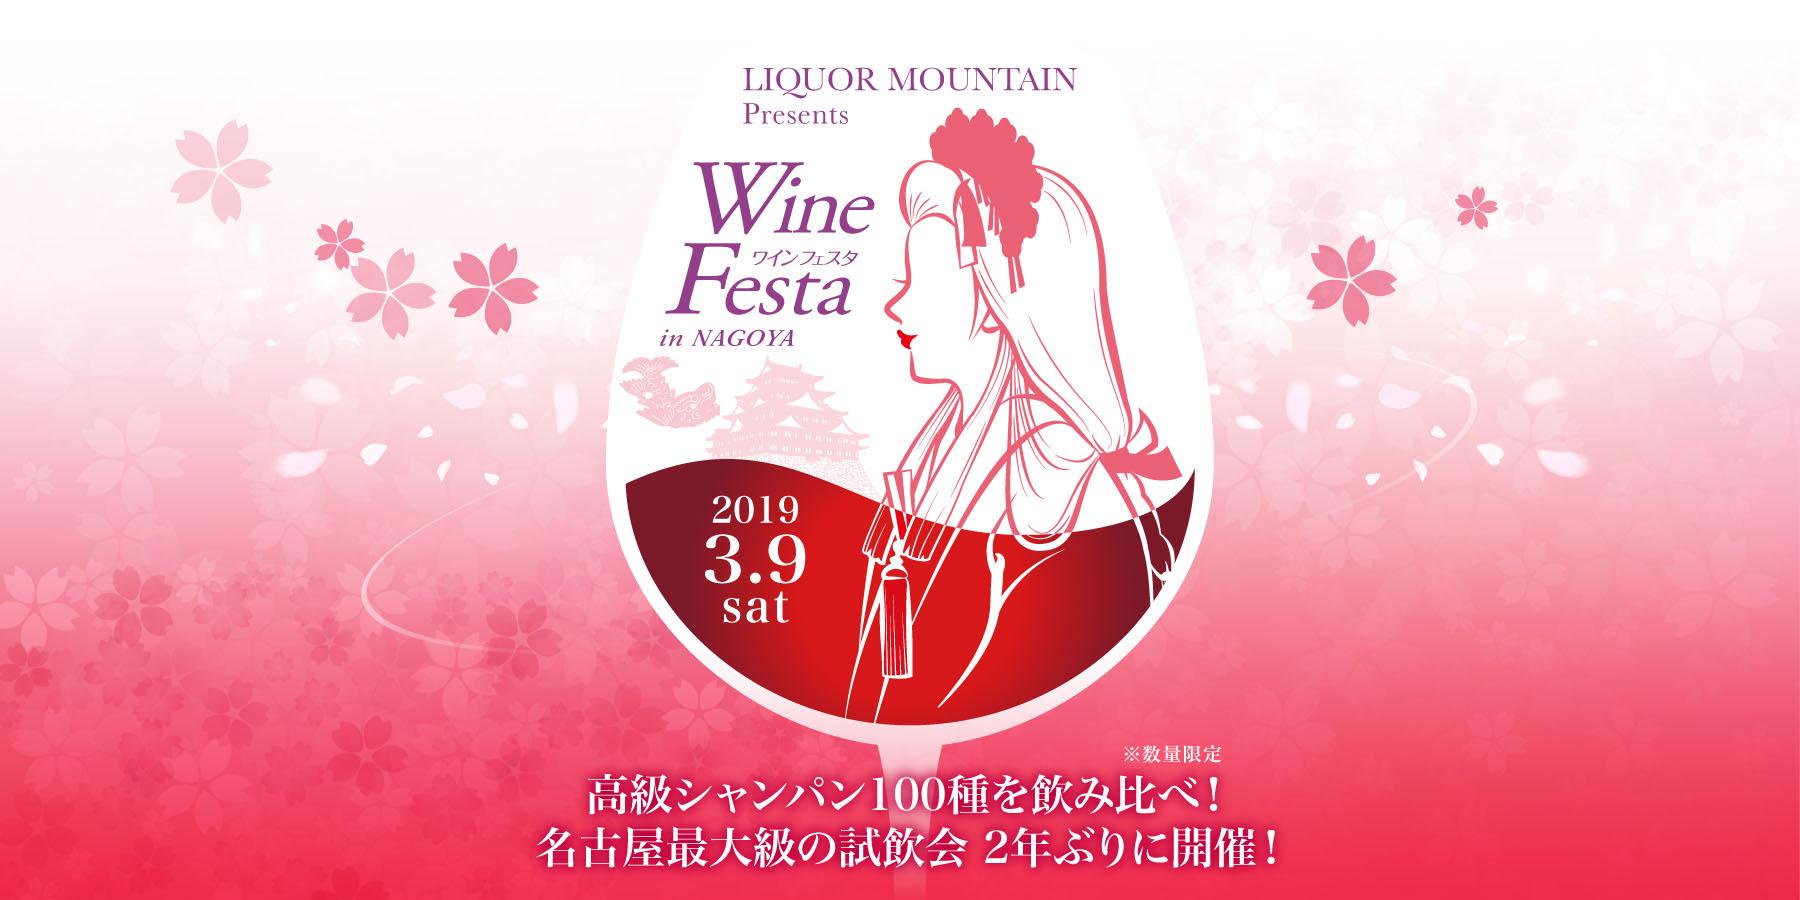 ワインフェスタ名古屋 2019年3月9日(土)開催